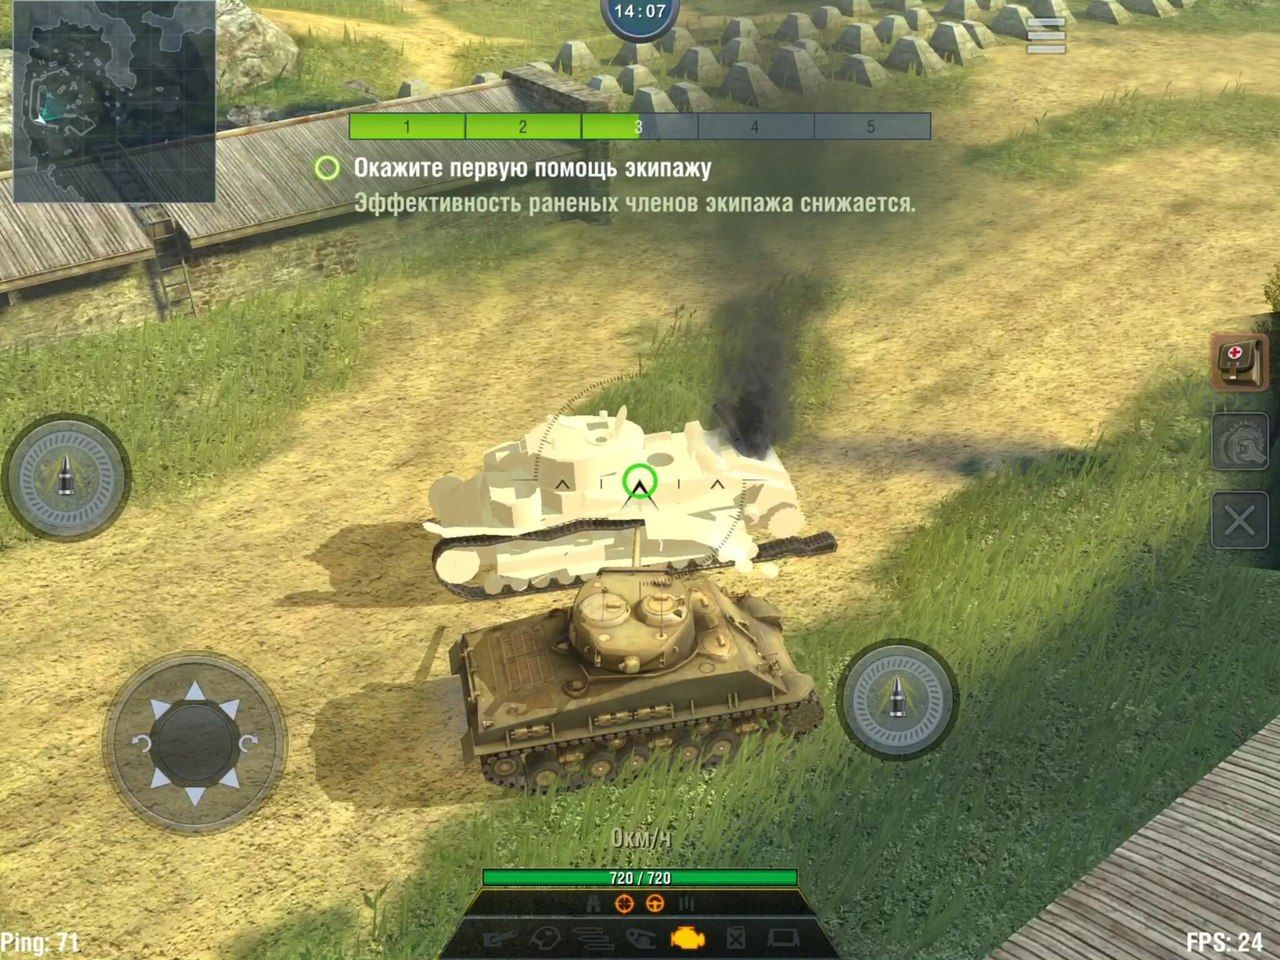 Скачать сборку запрещенных модов для world of tanks писк мест.